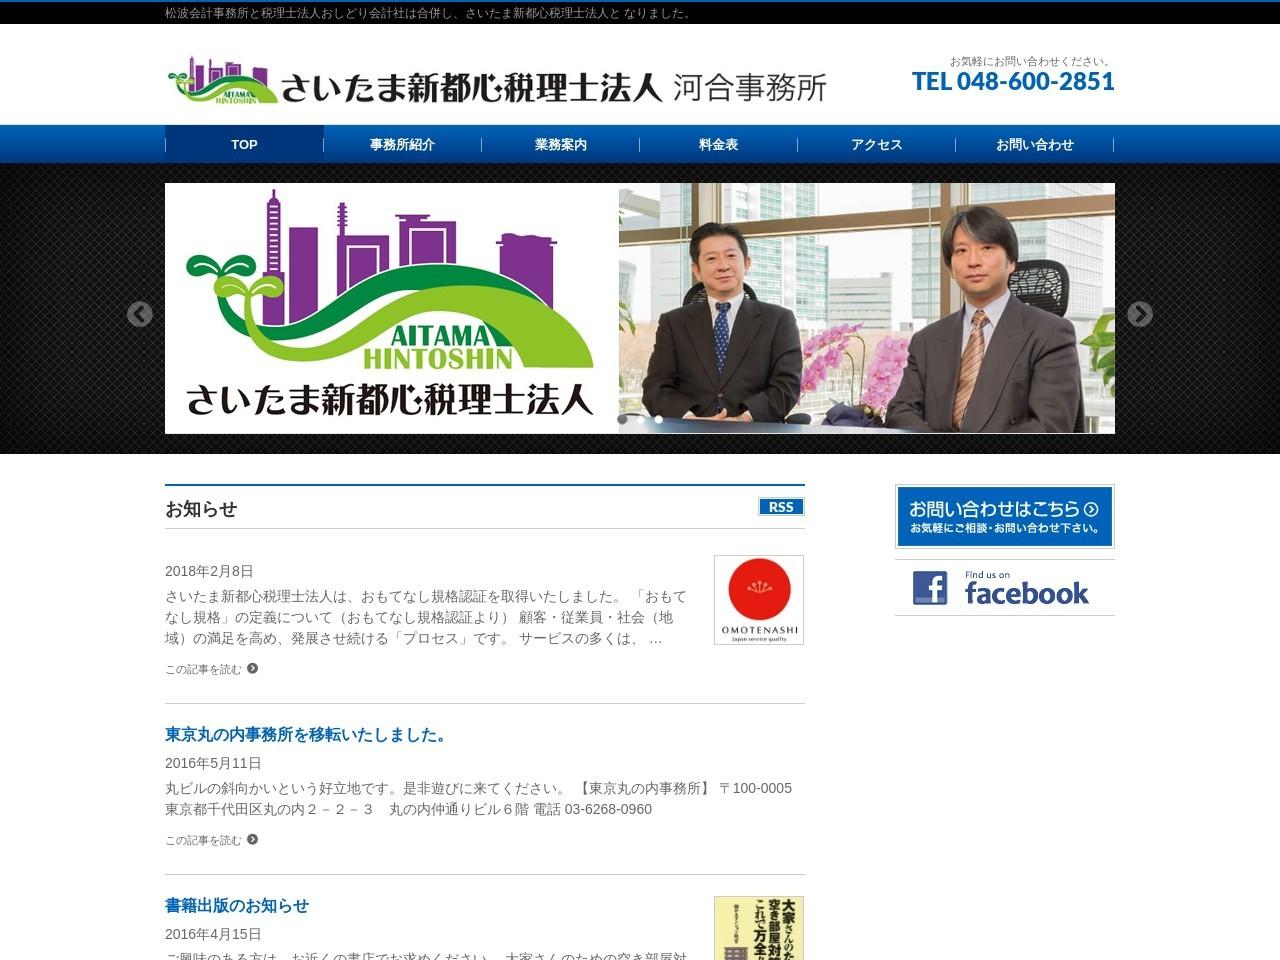 さいたま新都心税理士法人/河合公認会計士事務所